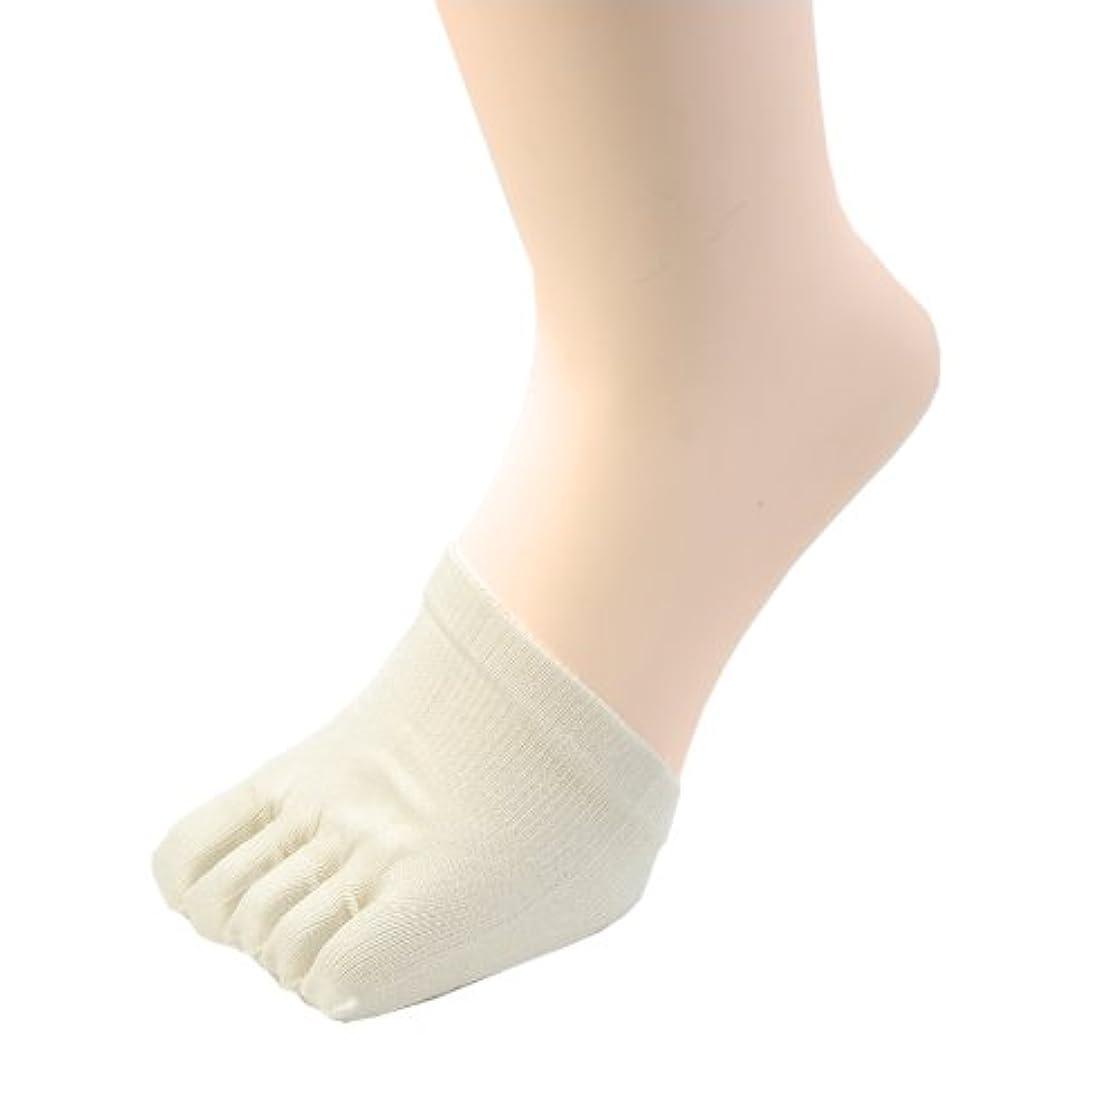 傷つきやすい夢中ラウズ冷えとり 絹 ( シルク )100% ハーフ 5本指 下履き (クツしたイン) ソックス 着圧健康ソックスの必需品! 2足組 #685